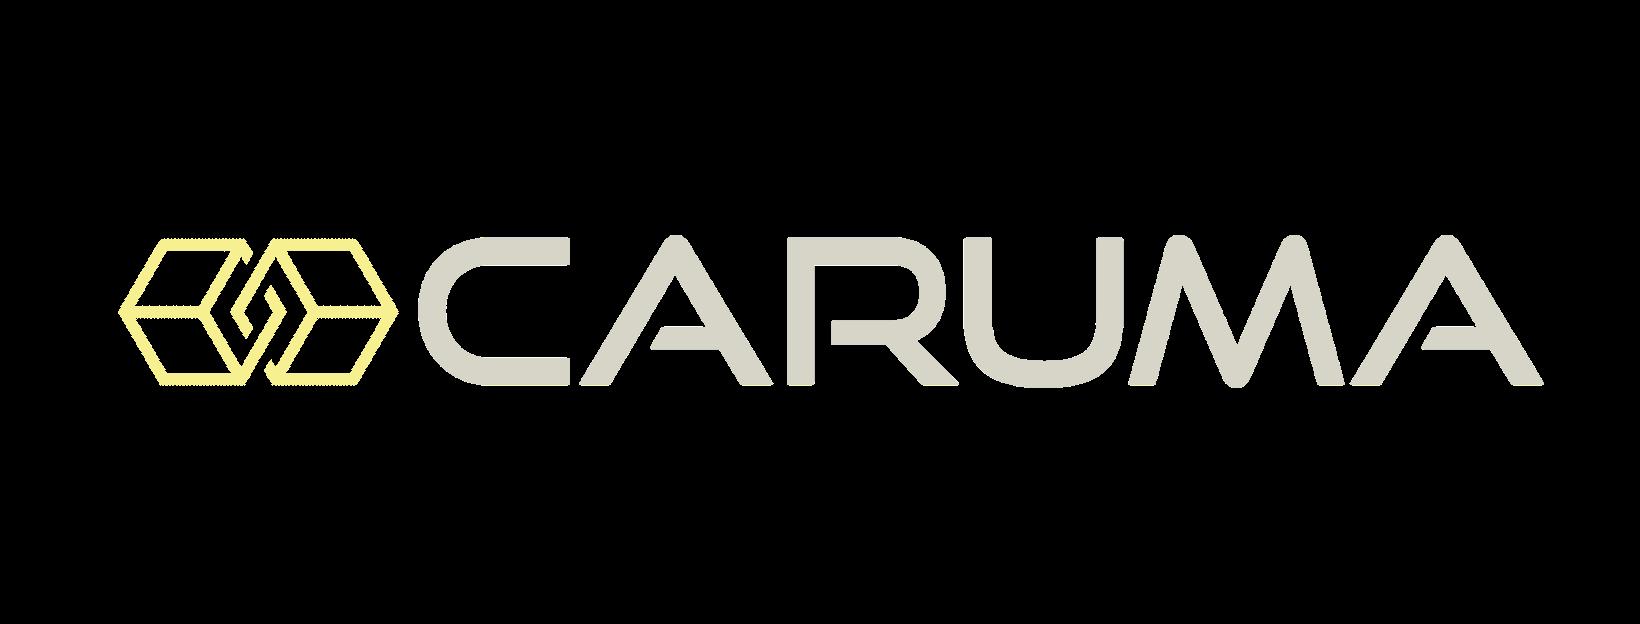 Caruma, logo